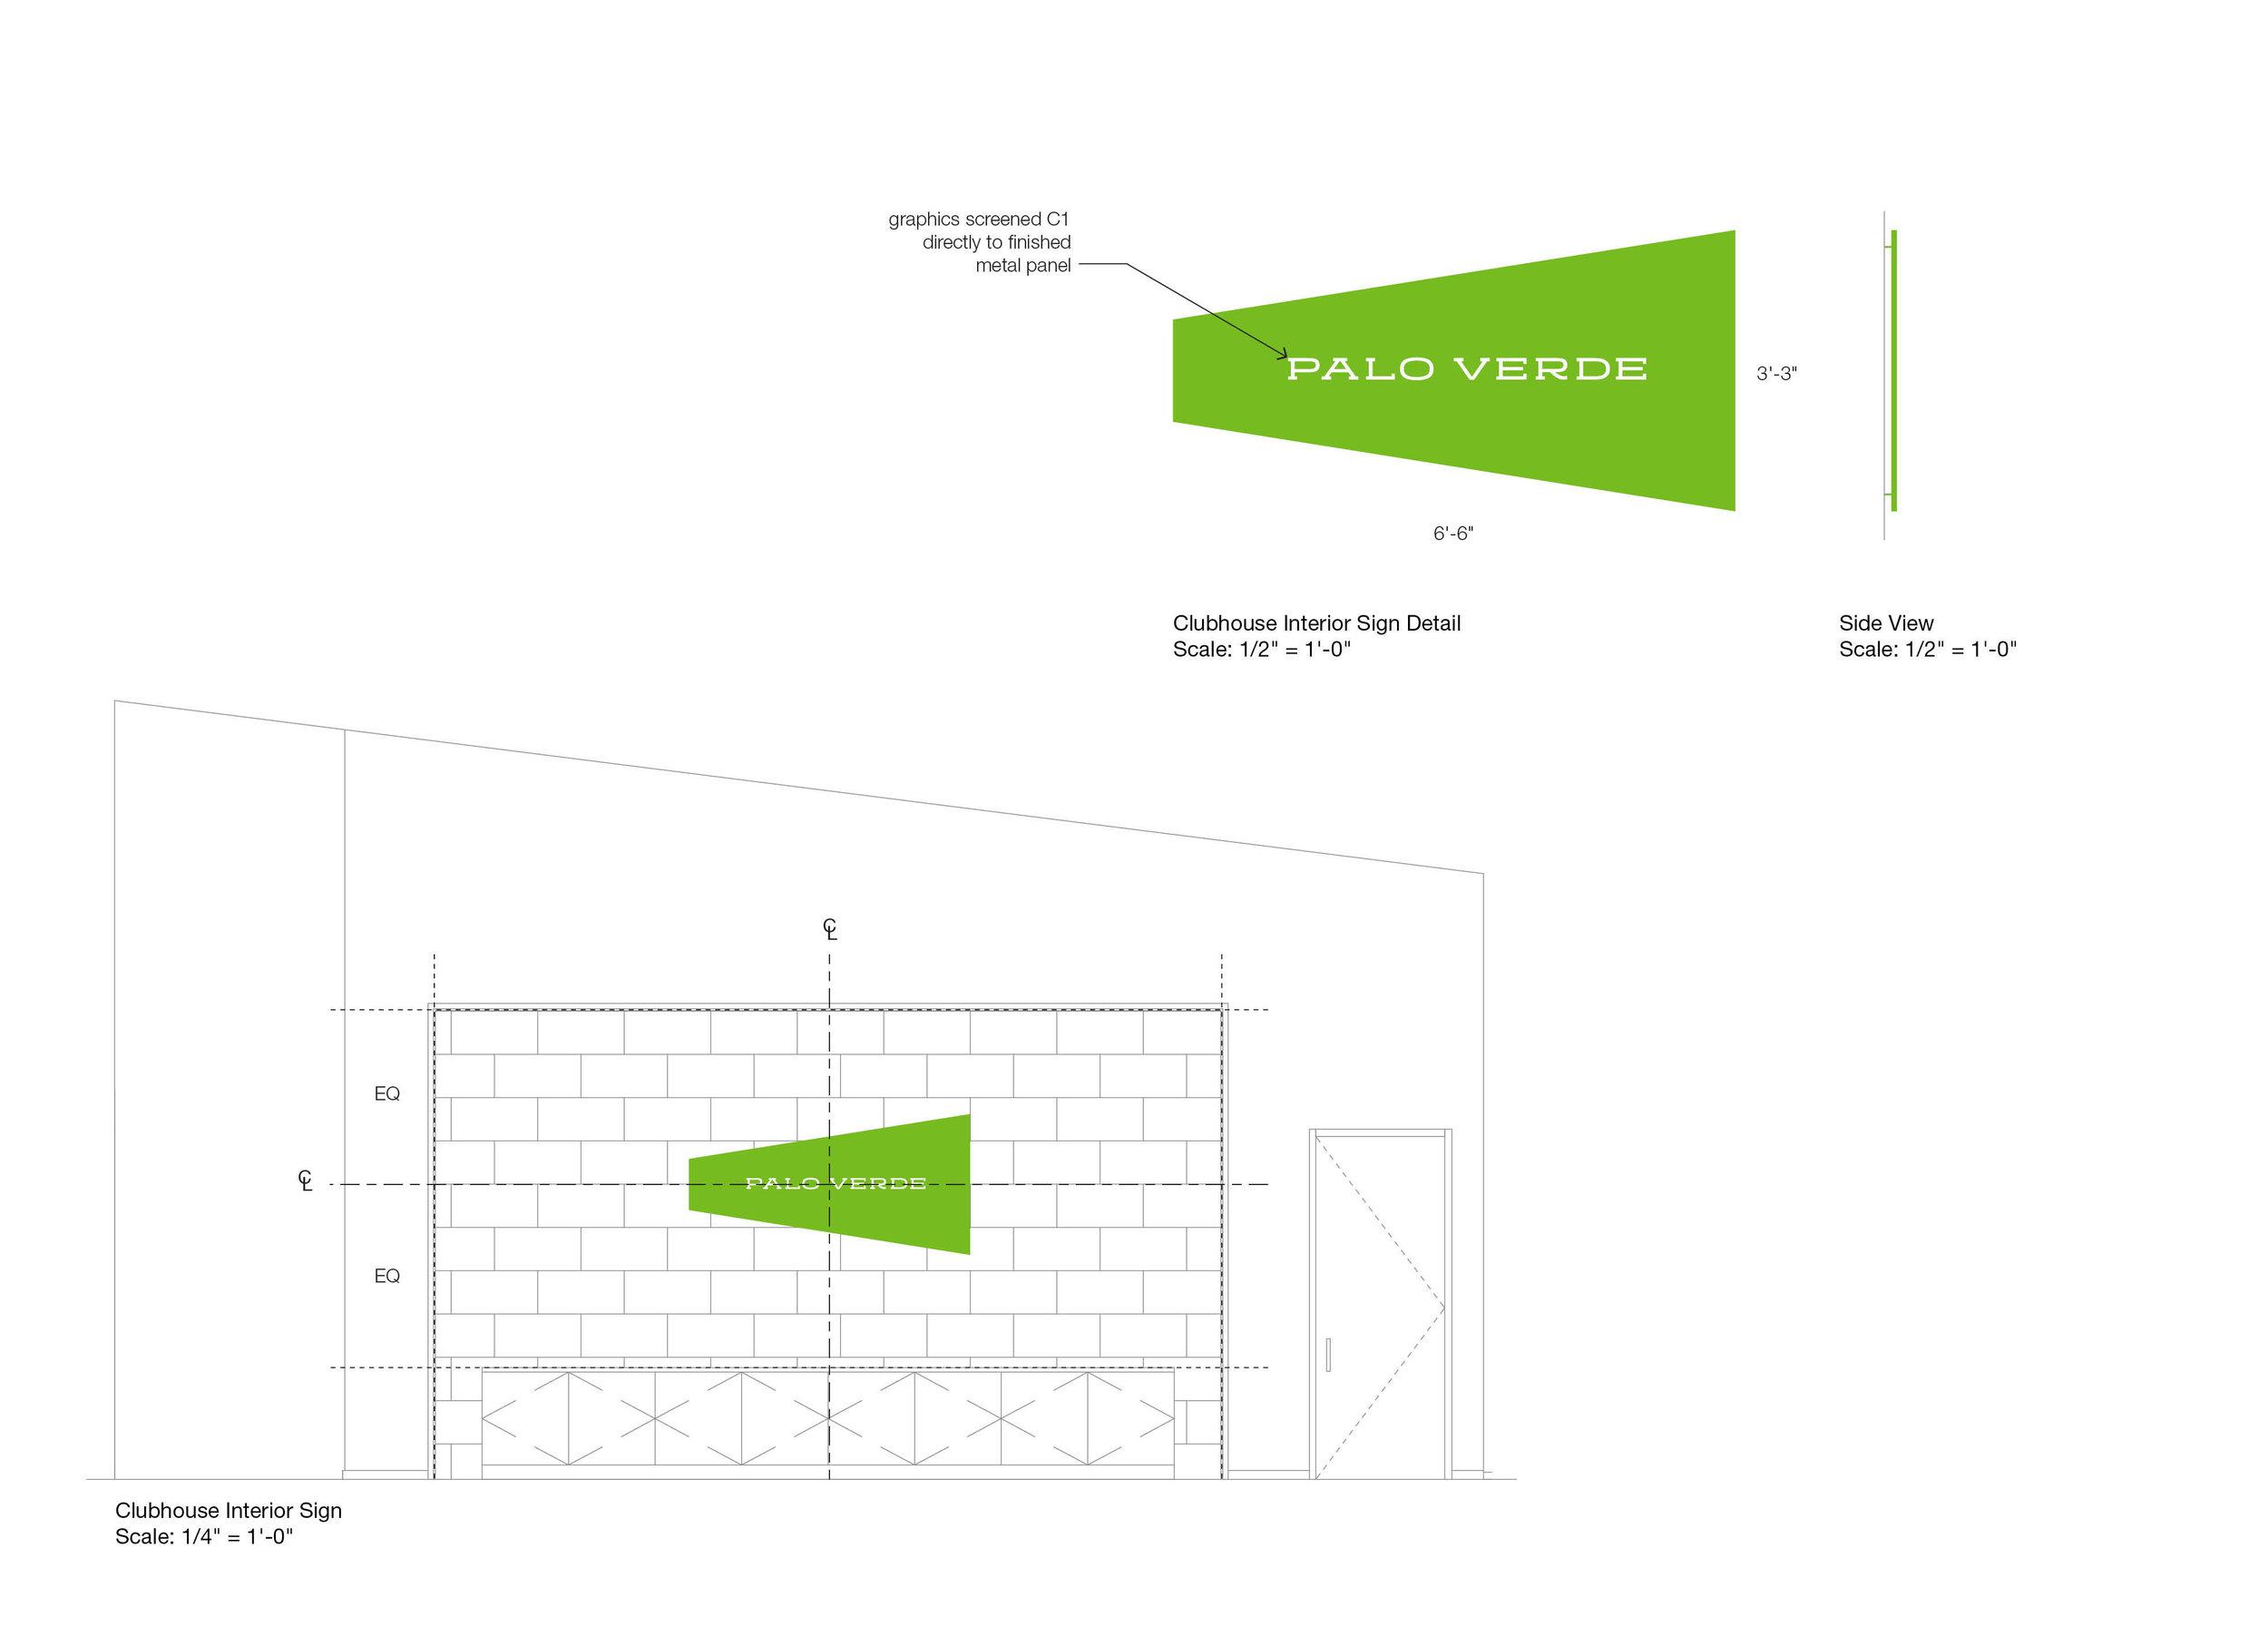 _0005_Paloverde_Signage_DesignIntent_GoodDrawingsOnly-Notitleblock14.jpg.jpg